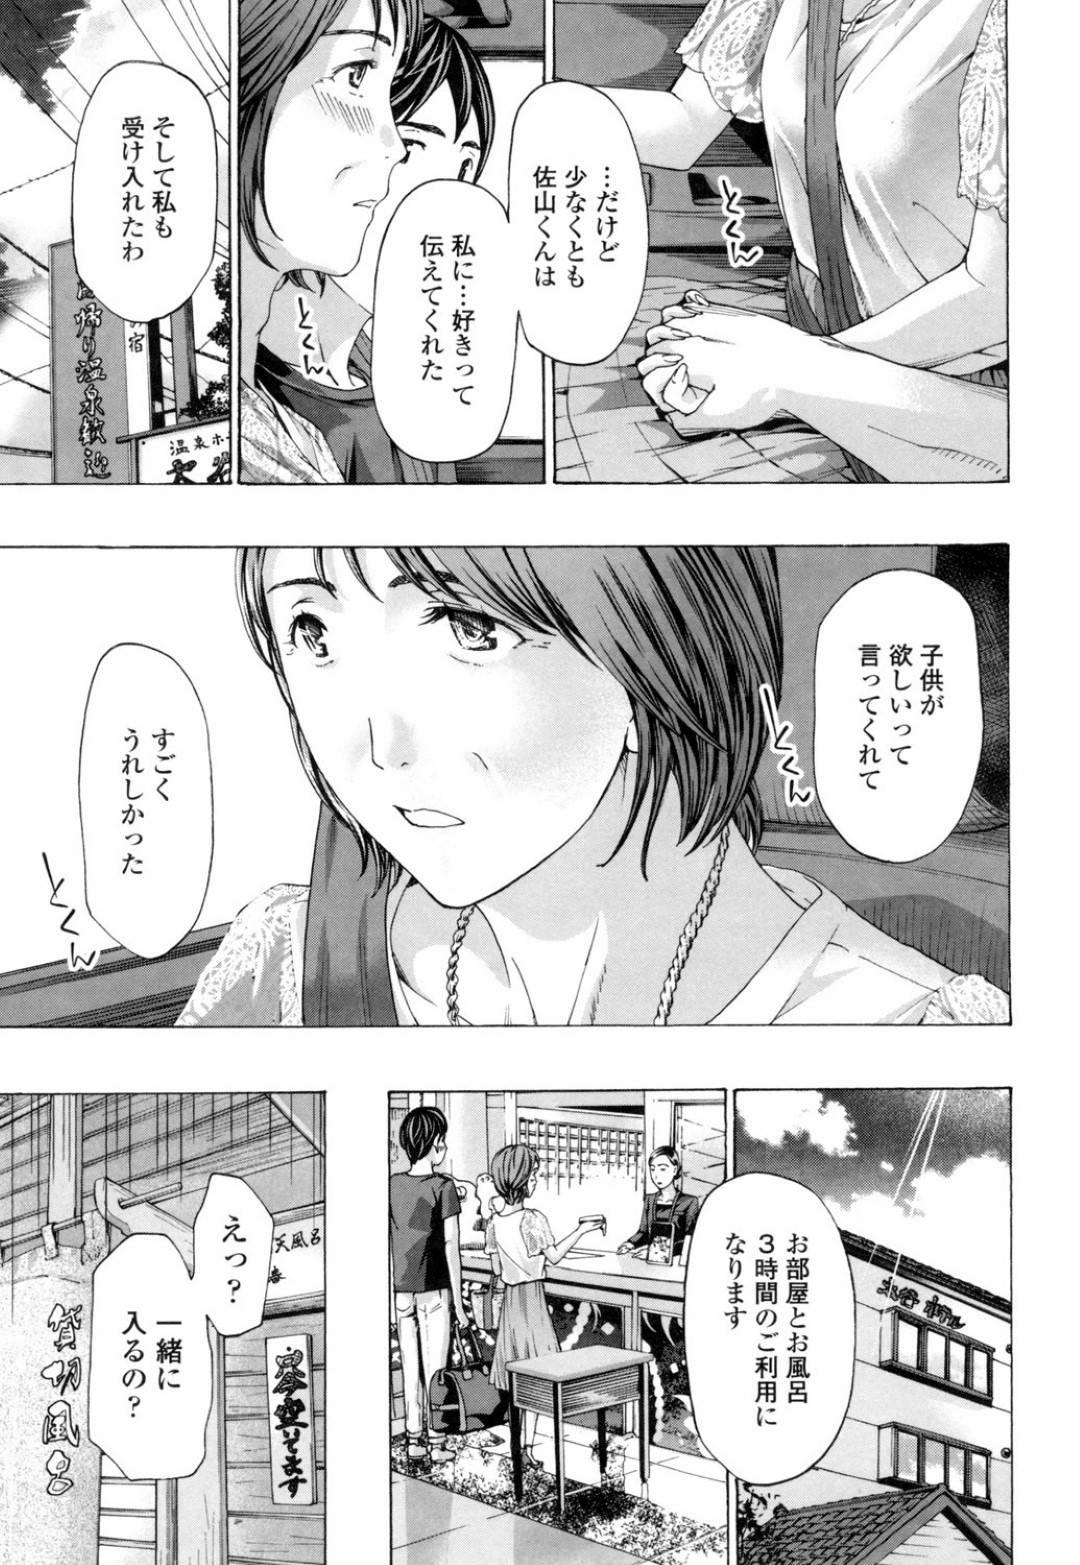 【エロ漫画】元教え子と多忙の合間を縫ってディナーを楽しむ熟女教師。教え子に先生宅に泊まりたいと言われ受け入れると、家に入るや二人は熱いキスを交わして…